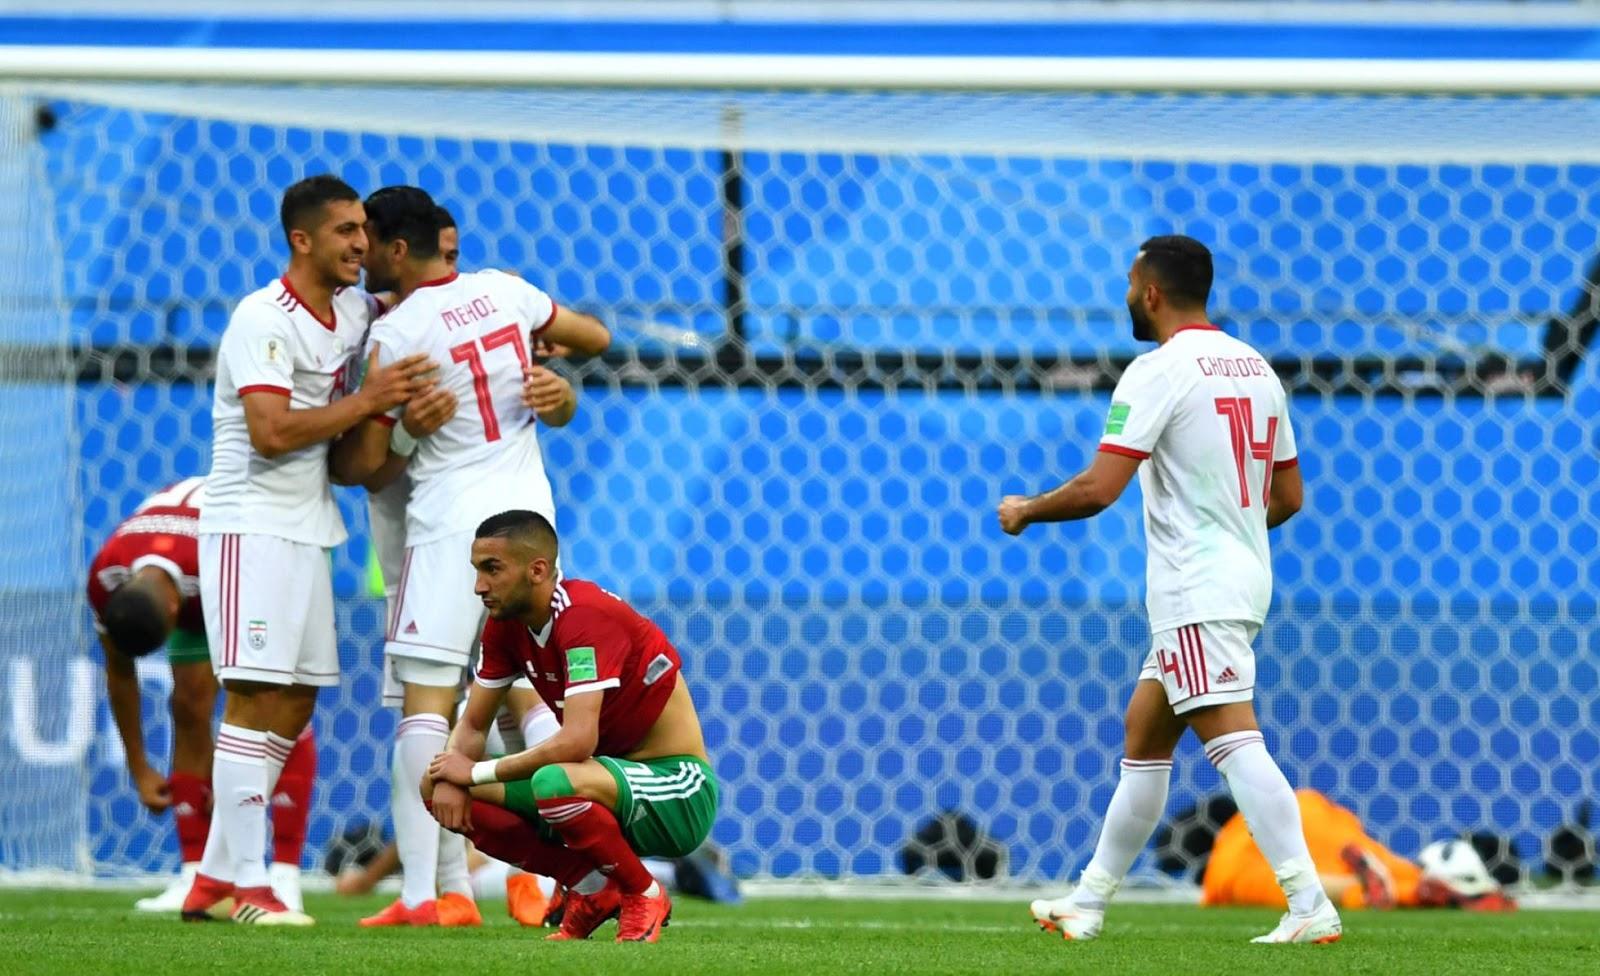 Irán se impuso por 3 a 1 al plantel africano / REUTERS